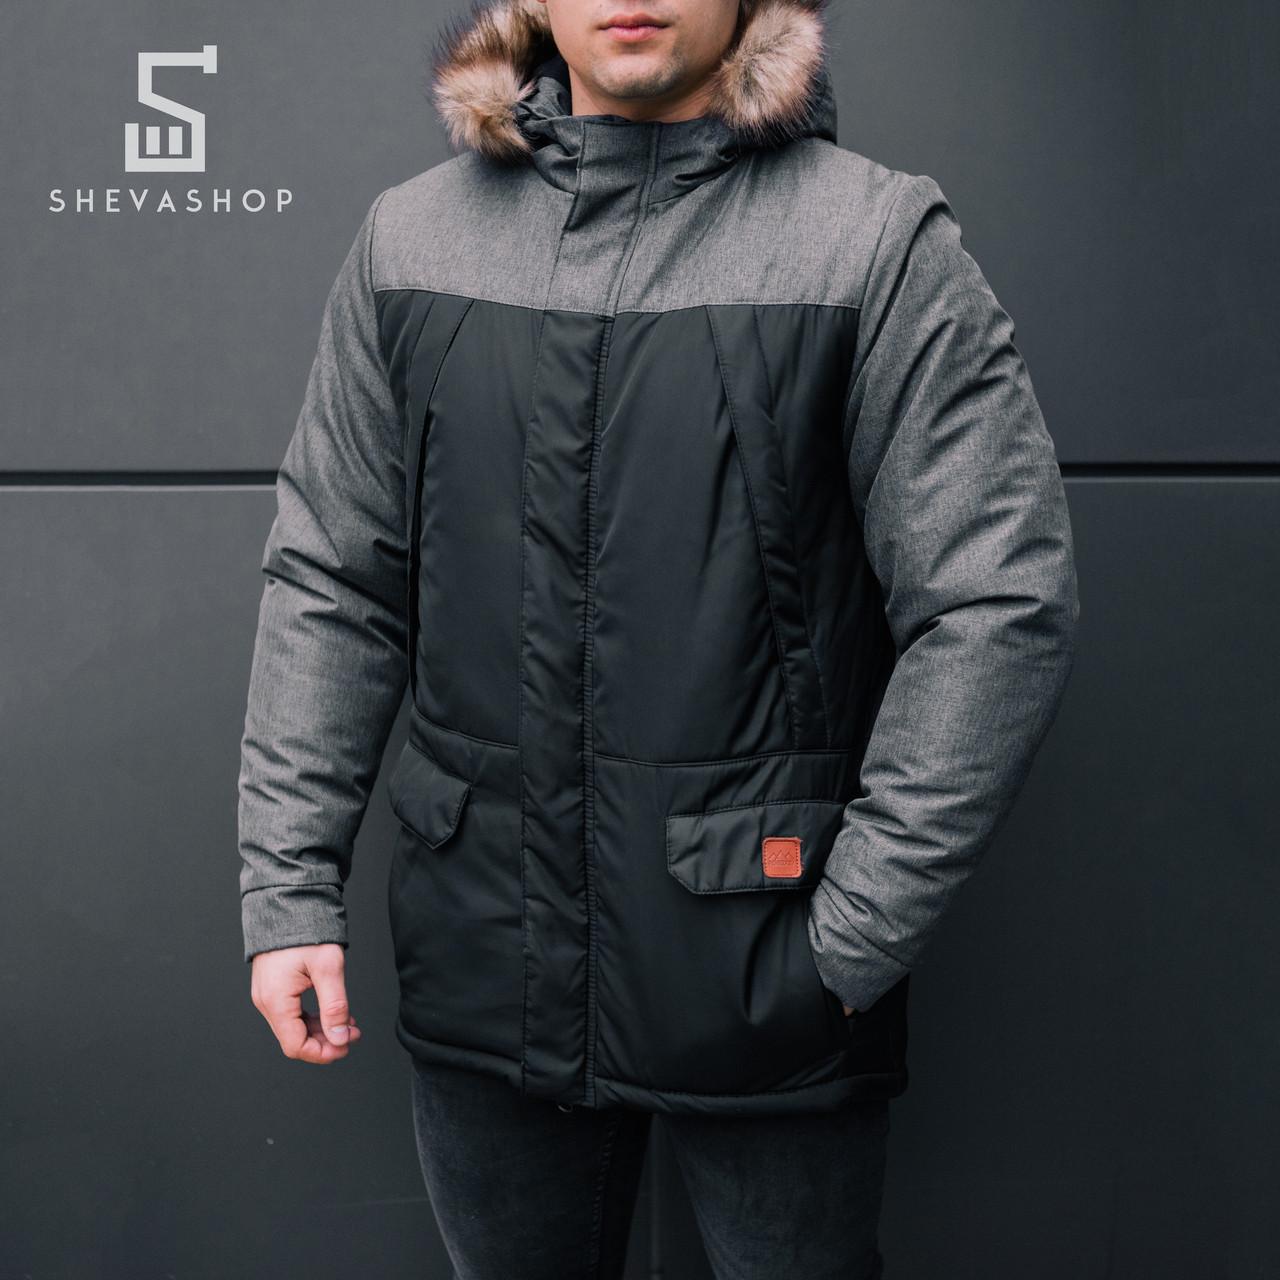 Зимняя мужская куртка Pobedov Alaska серая, фото 1